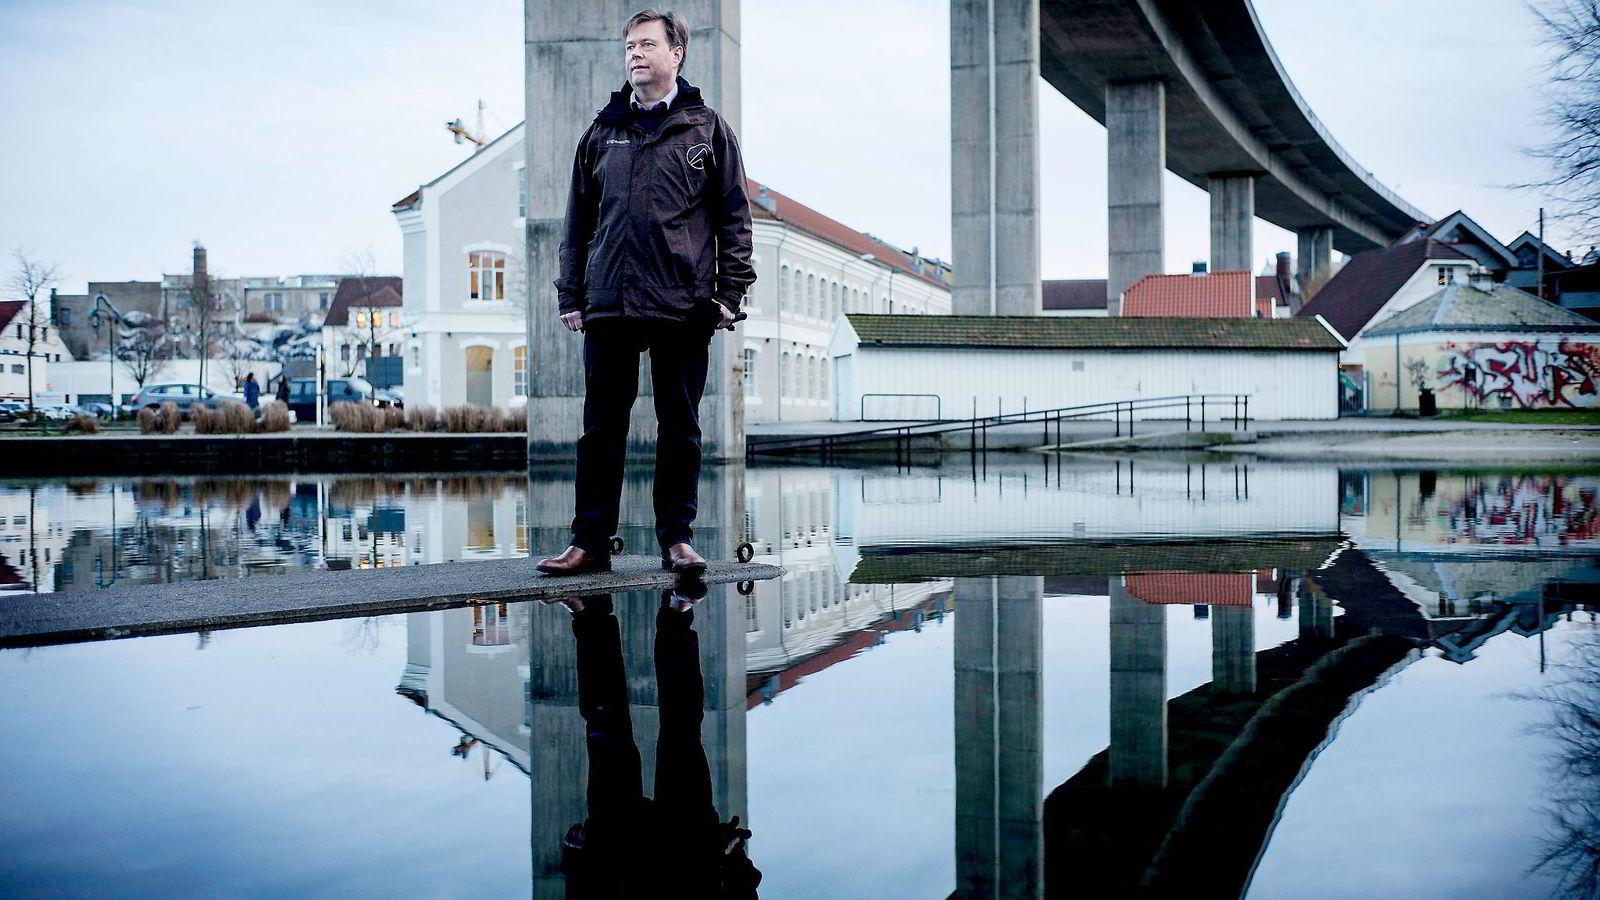 Programutvikler Geir Ove Nesvik har takket ja til sluttpakke, og er en av stadig flere i Rogaland som er uten arbeid. Nå tyder statistikk fra Nav på at ledigheten vil øke videre. Foto: